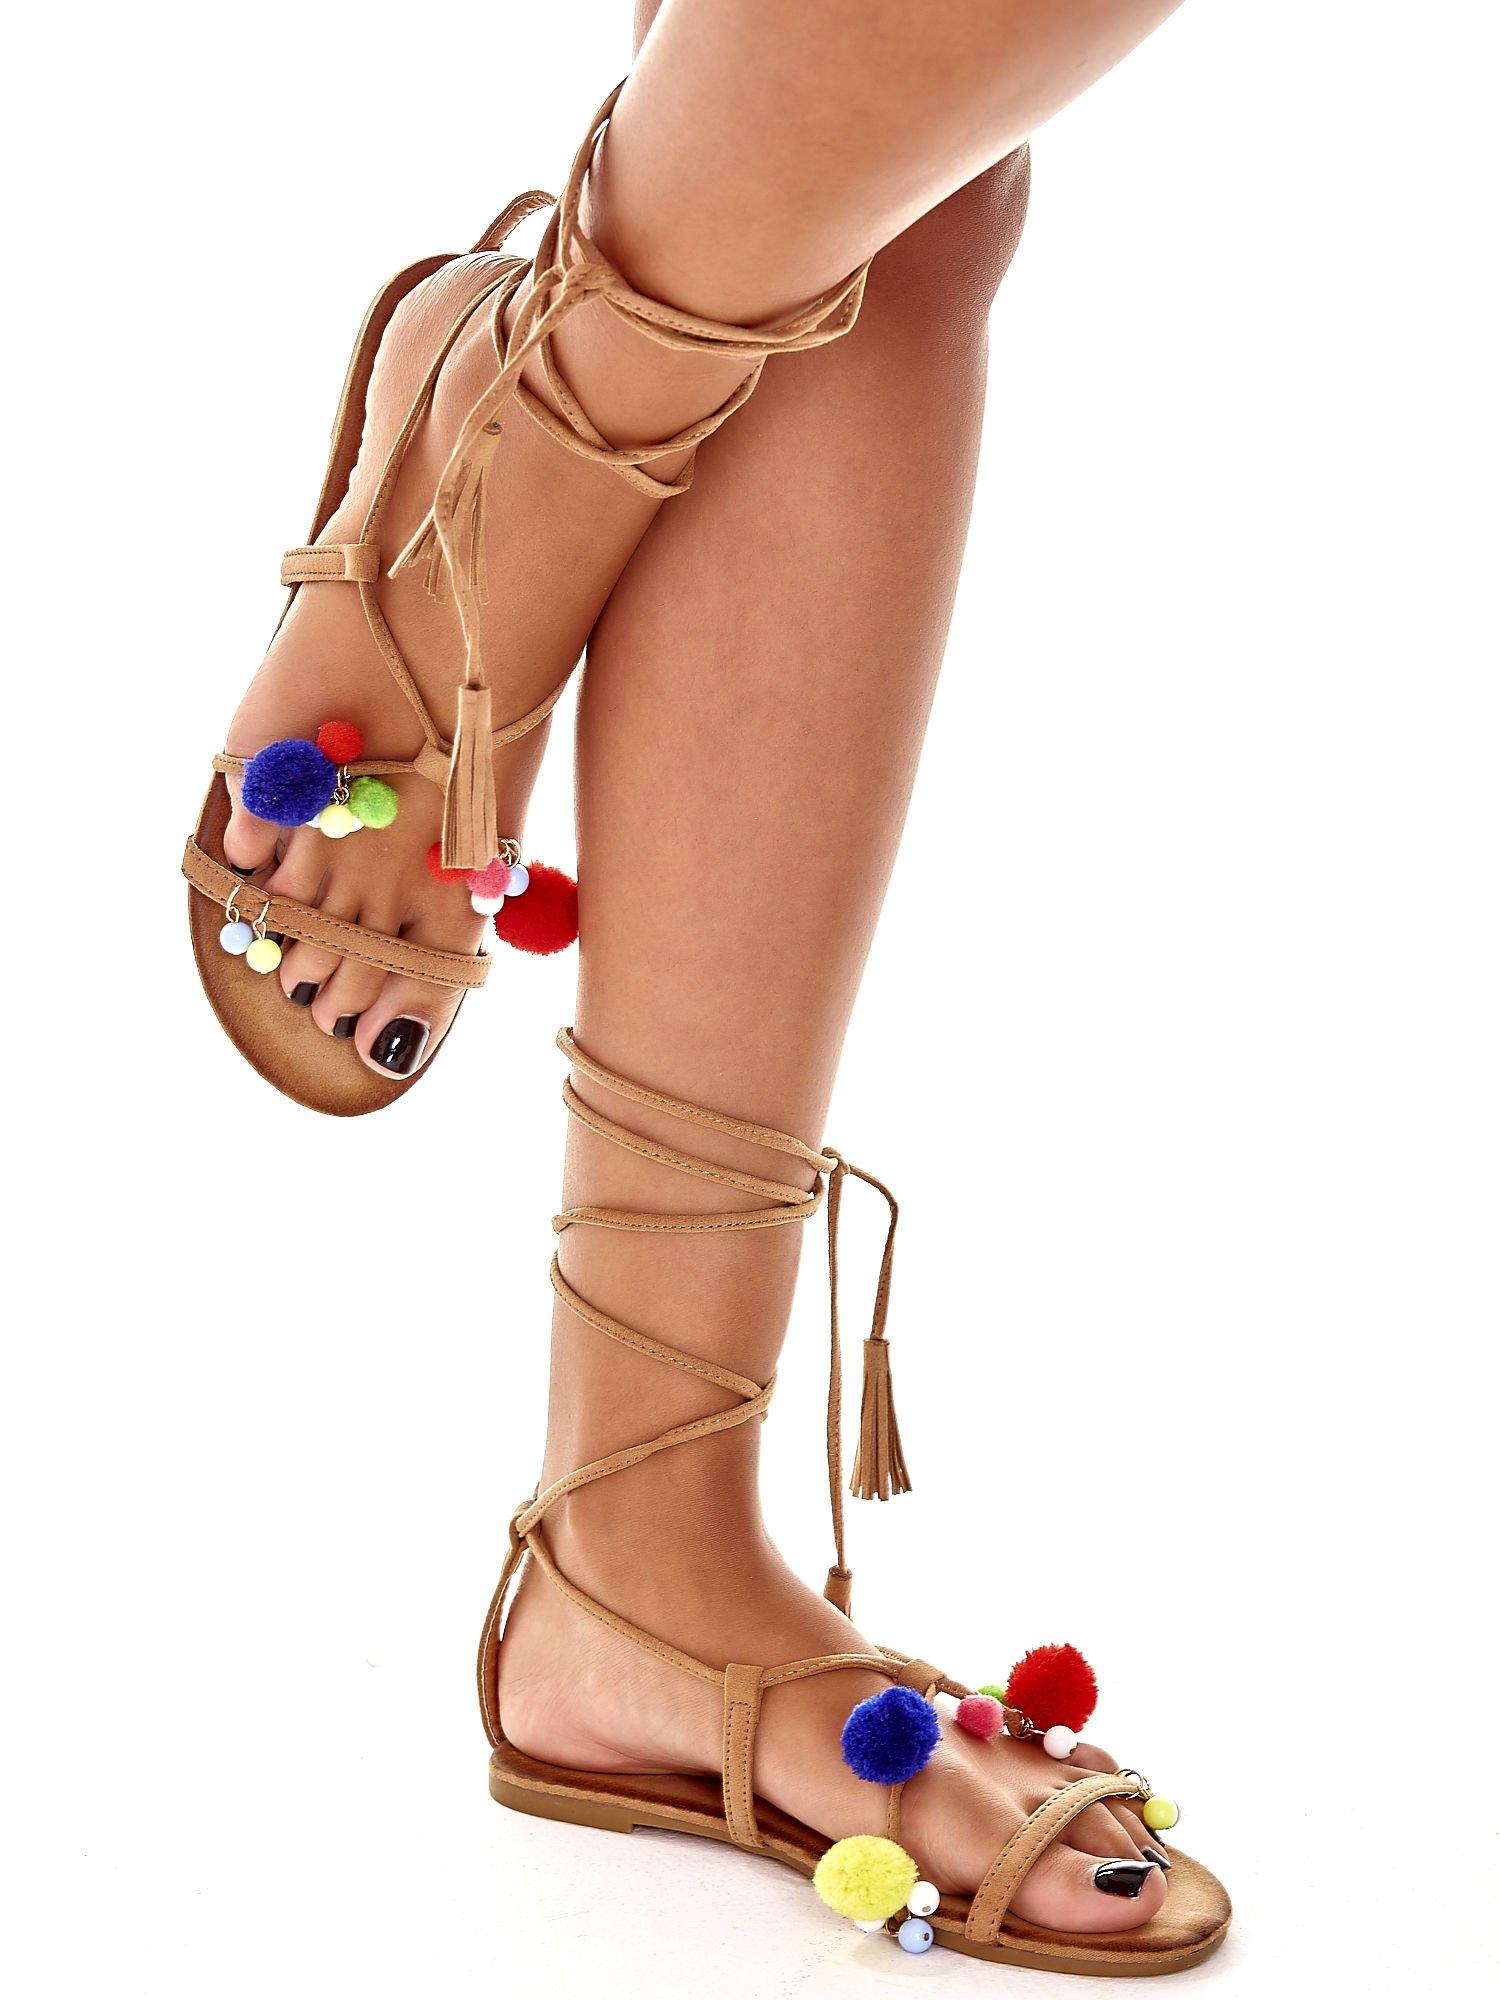 Karmelowe sandały damskie gladiatorki z pomponami                                  zdj.                                  3